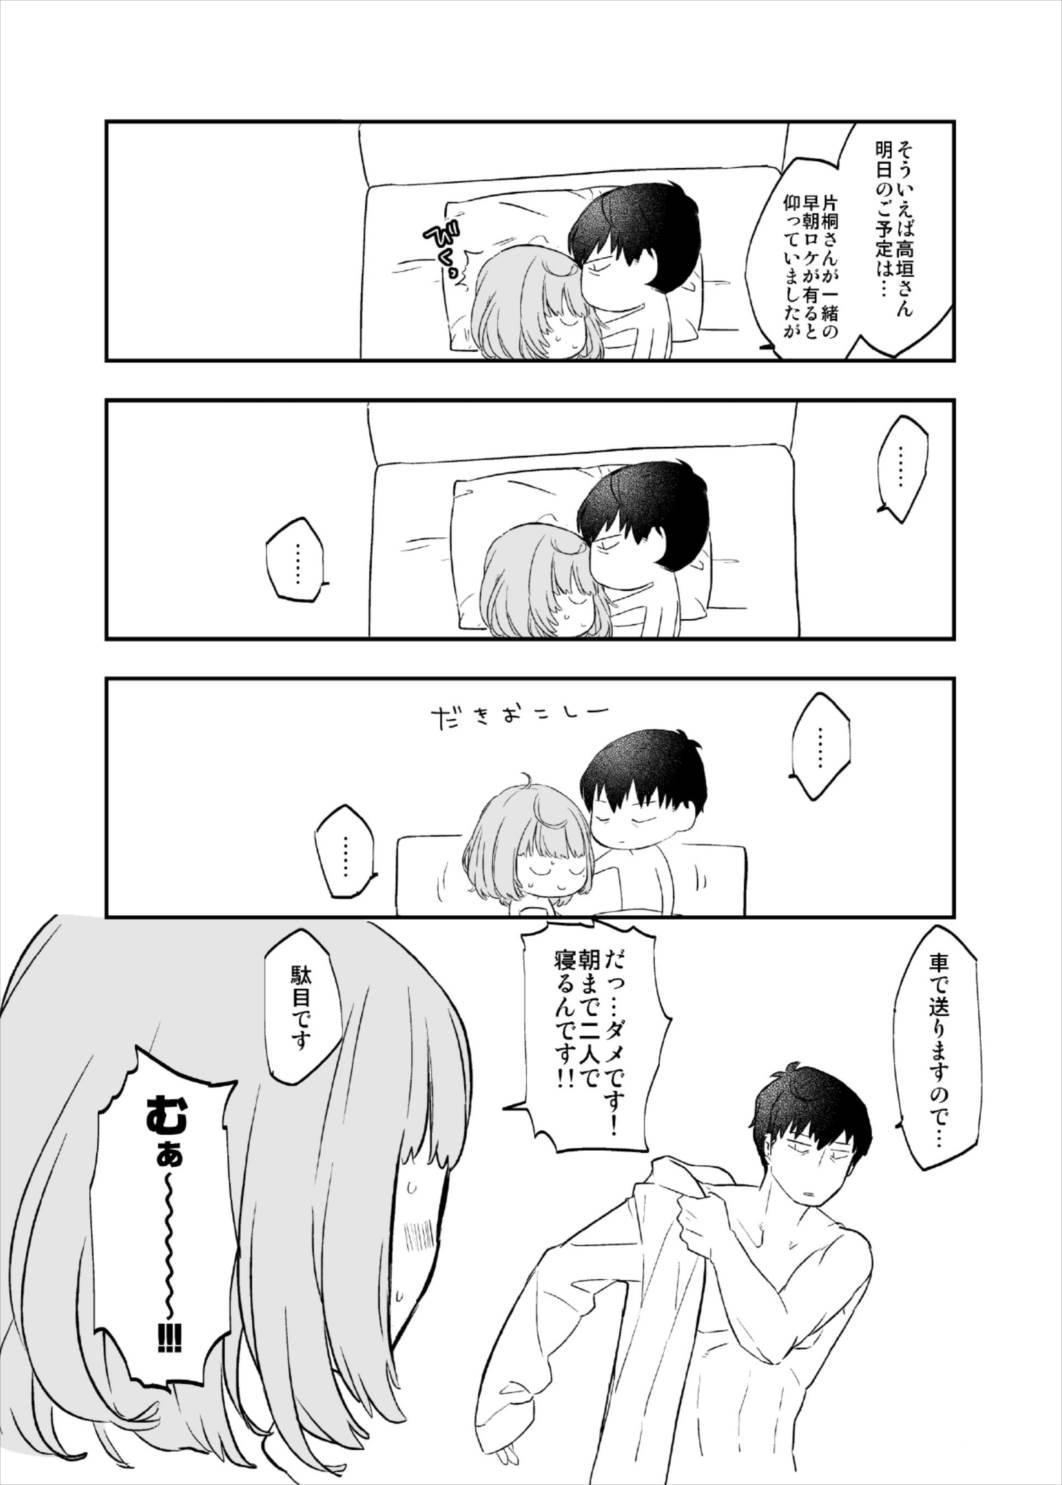 Takeuchi P to Takagaki Kaede-san ga Hatsu H de Mechakucha Ichaicha Suru Hon 24